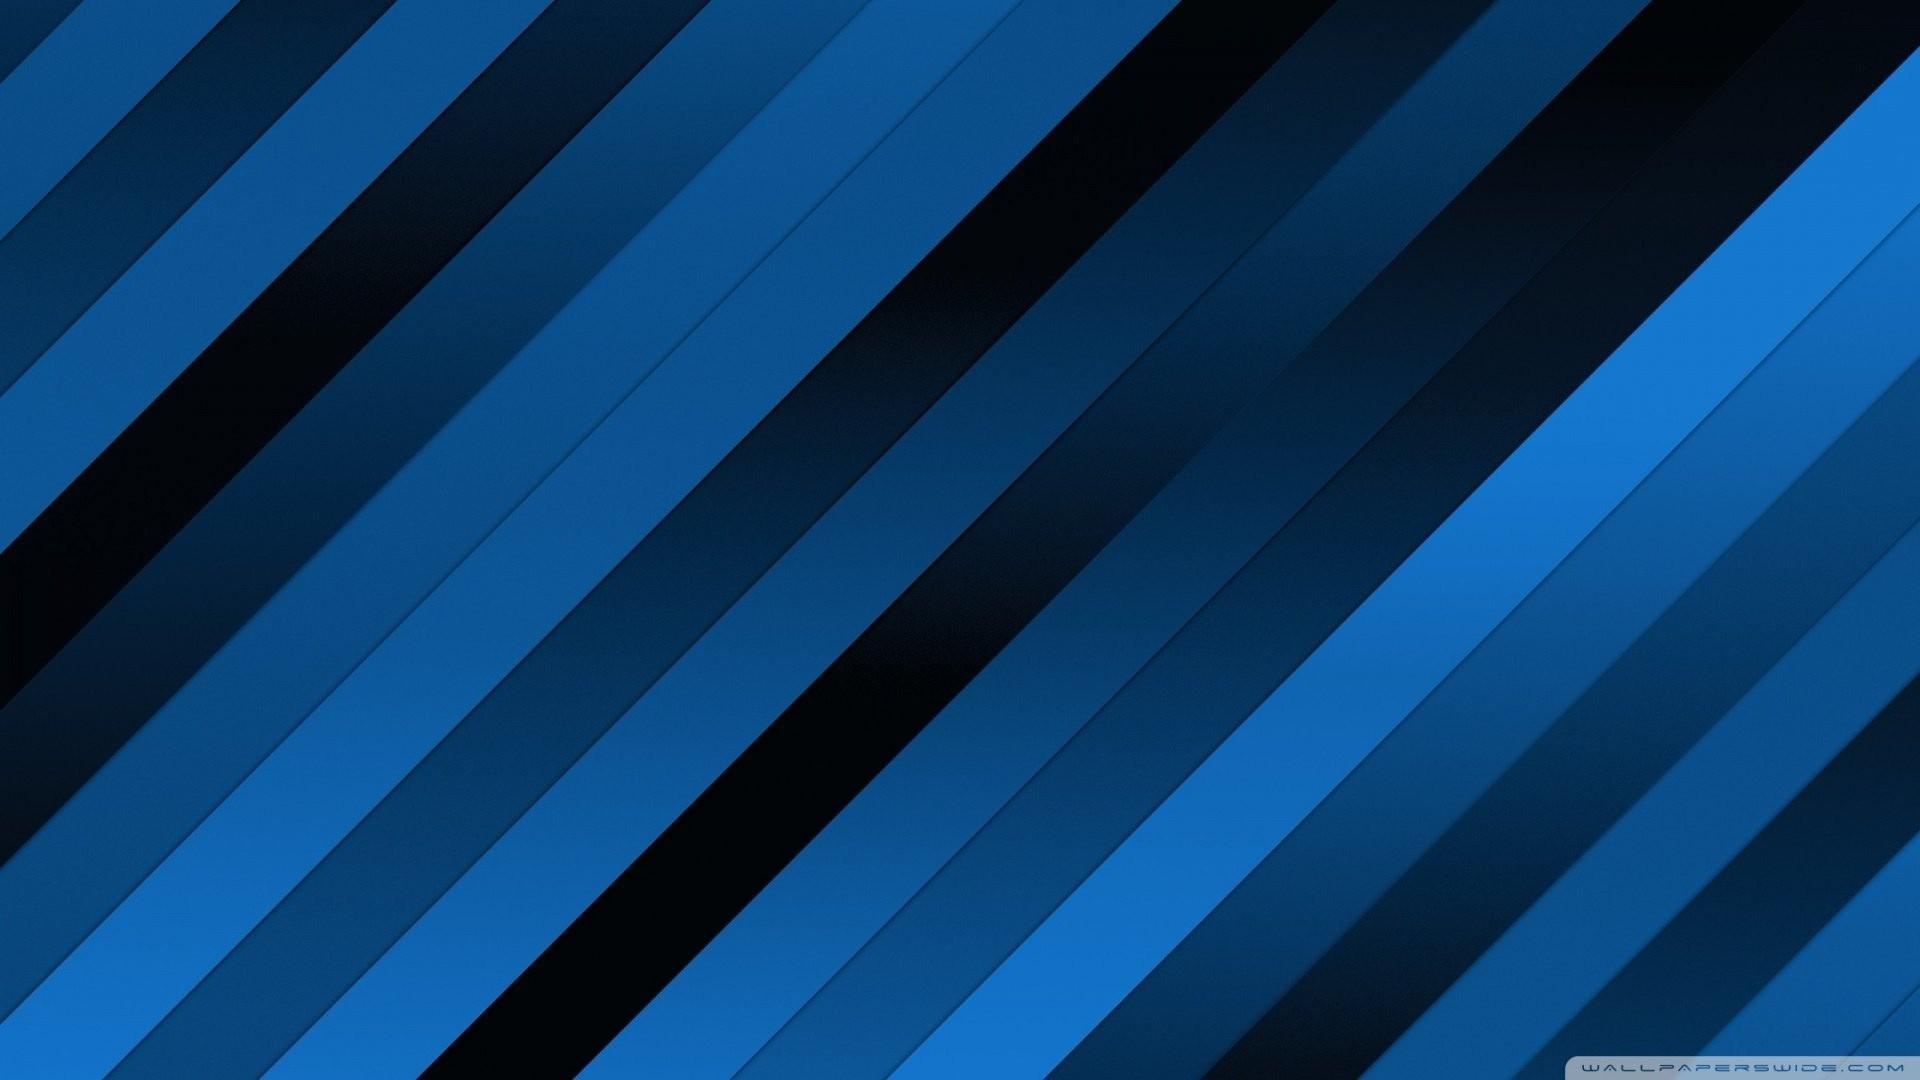 Minimalistic Stripes Pic